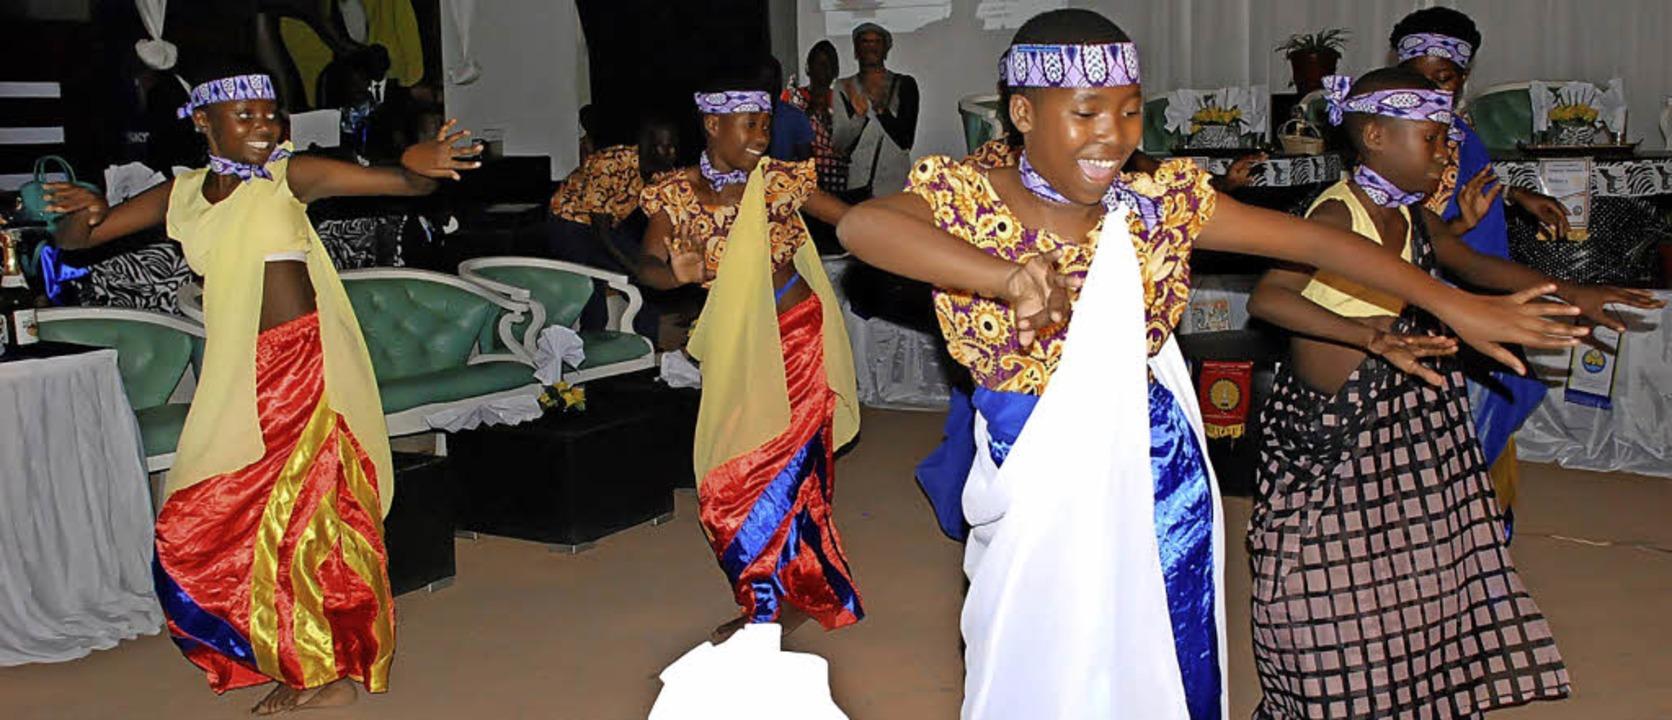 Kulturelle Angebote wie das Tanzen wer... Menschen werden Perspektiven geboten.  | Foto: ZVG